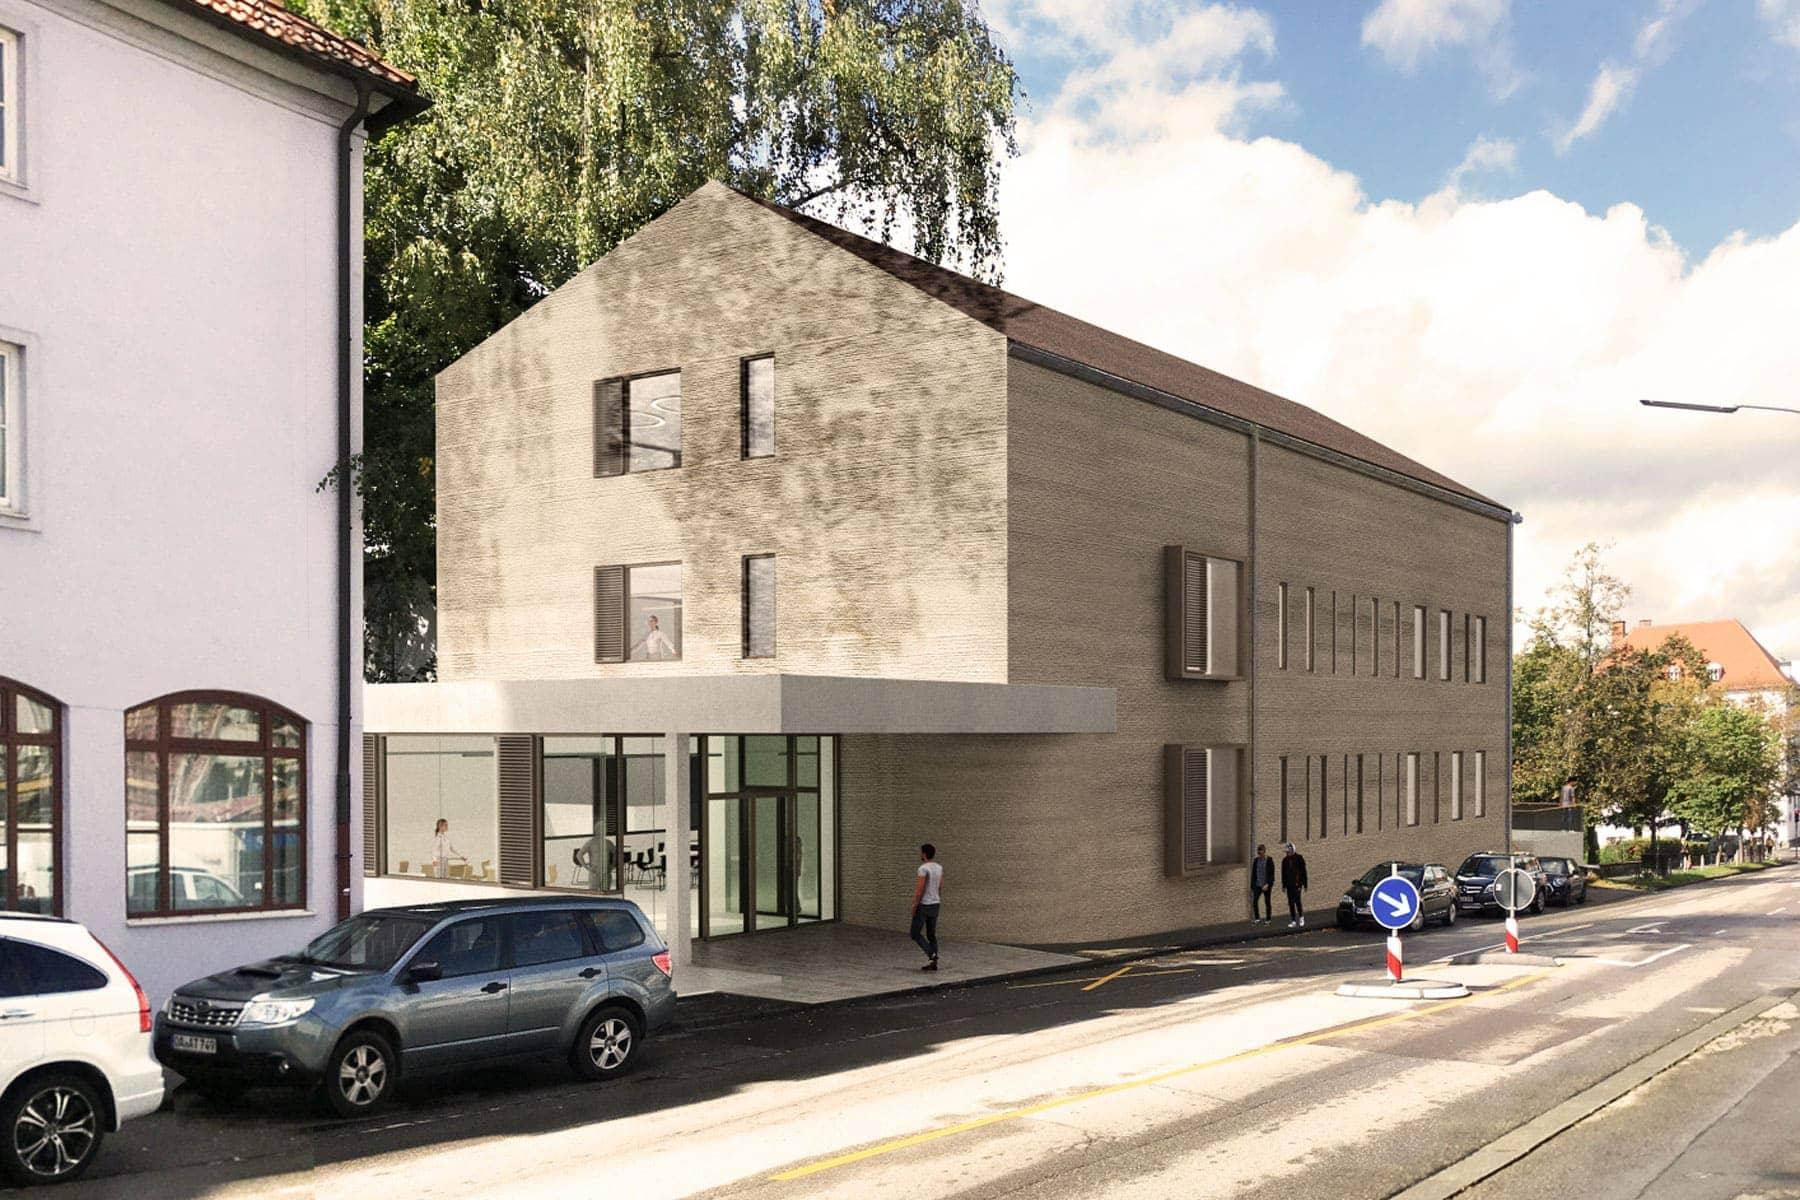 Berufsförderschule Sankt Georg in Kempten